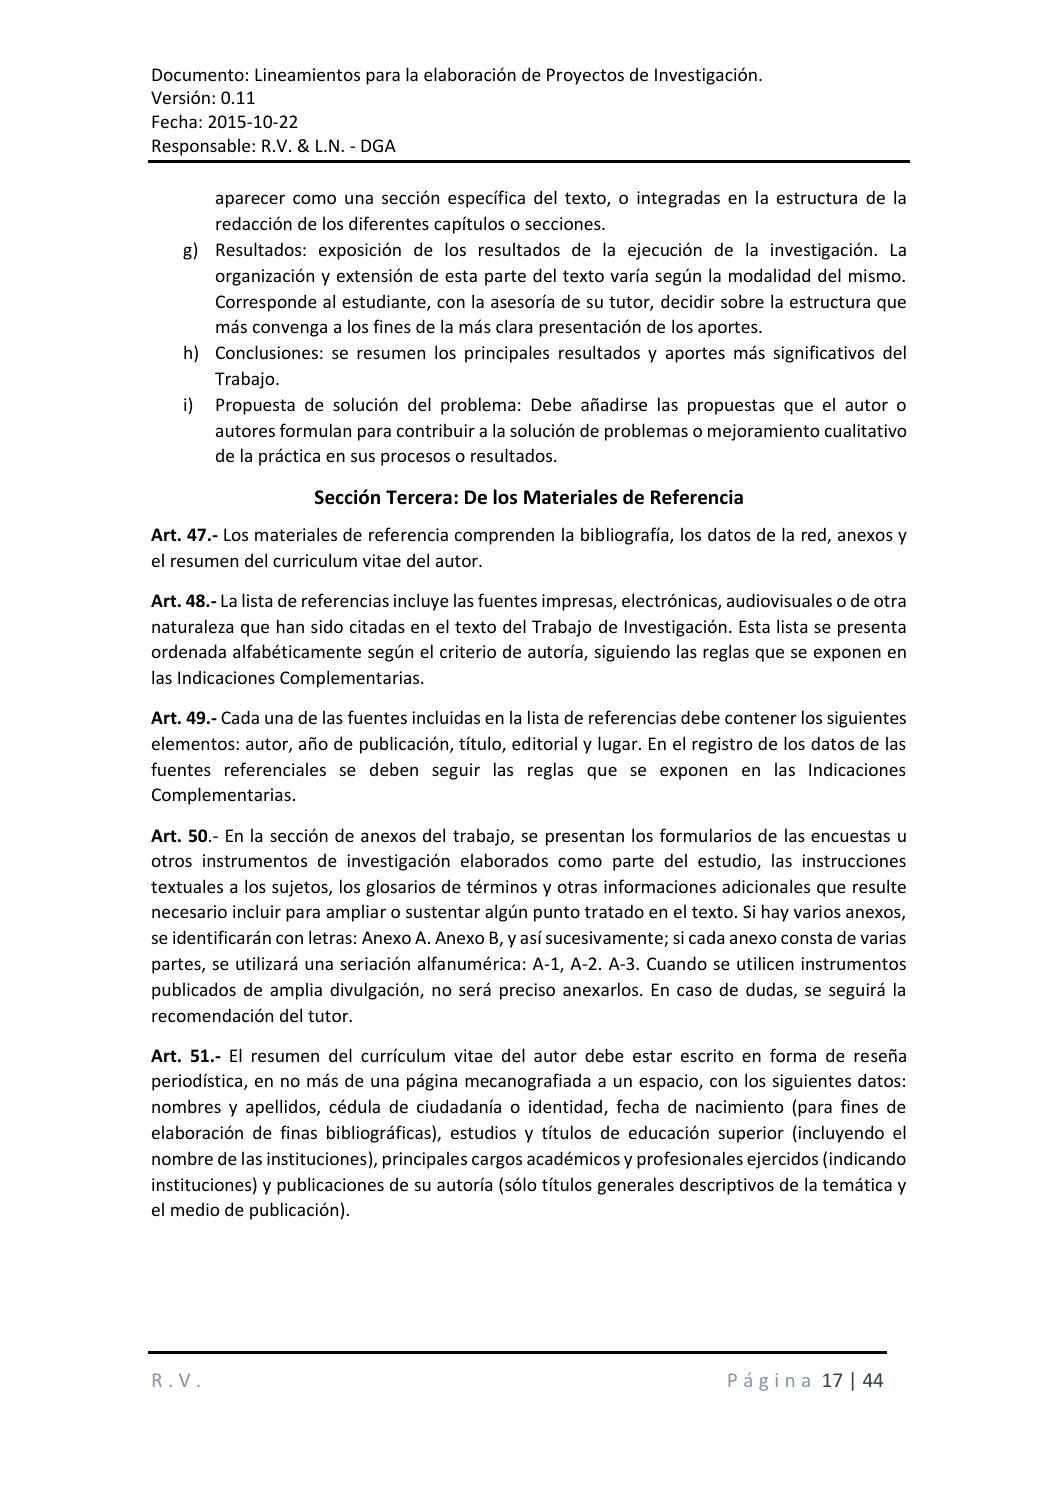 Lineamientos para la elaboración del proyecto de investigación0 9 ...